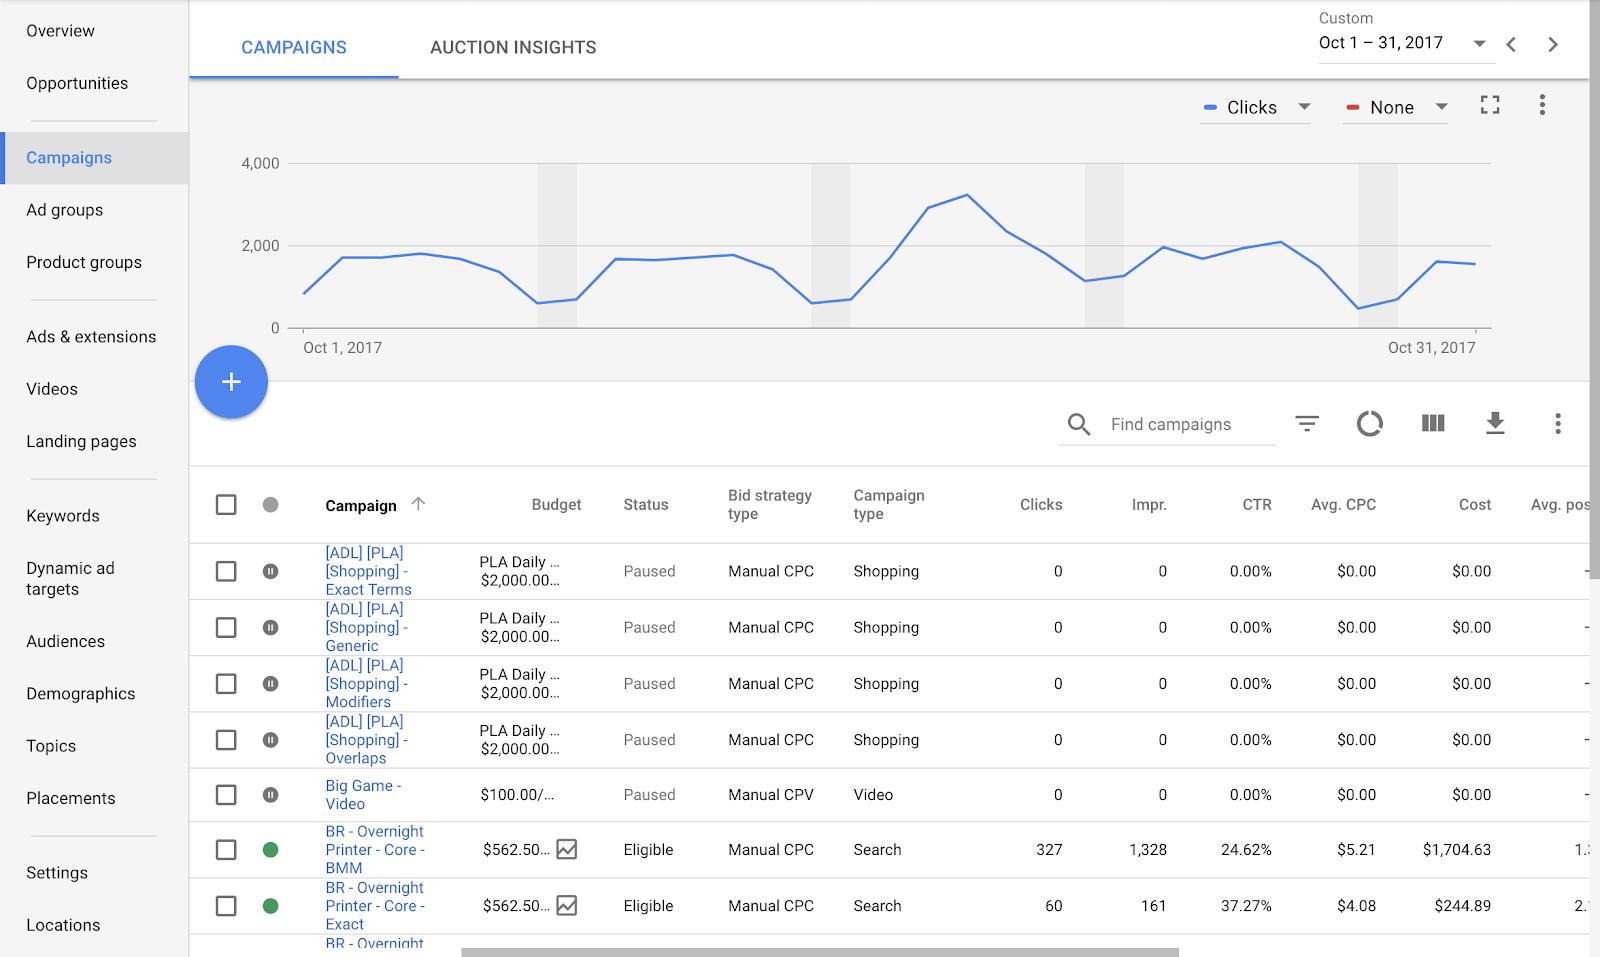 Новый интерфейс Google Ads: фишки, плюсы и минусы